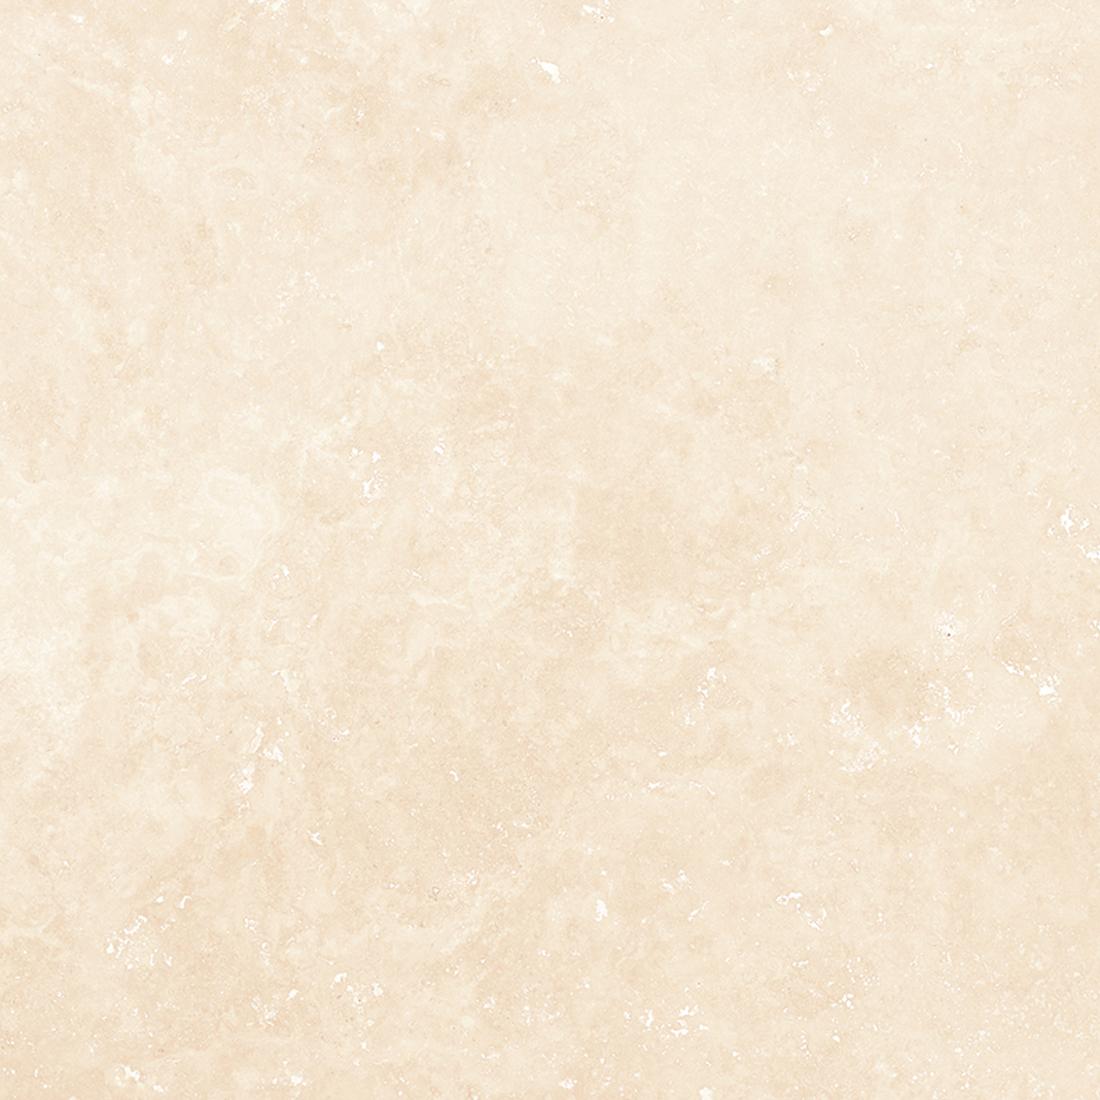 Nitco Aeon Marfil N5307-IG Glossy Glazed Vitrified Tile